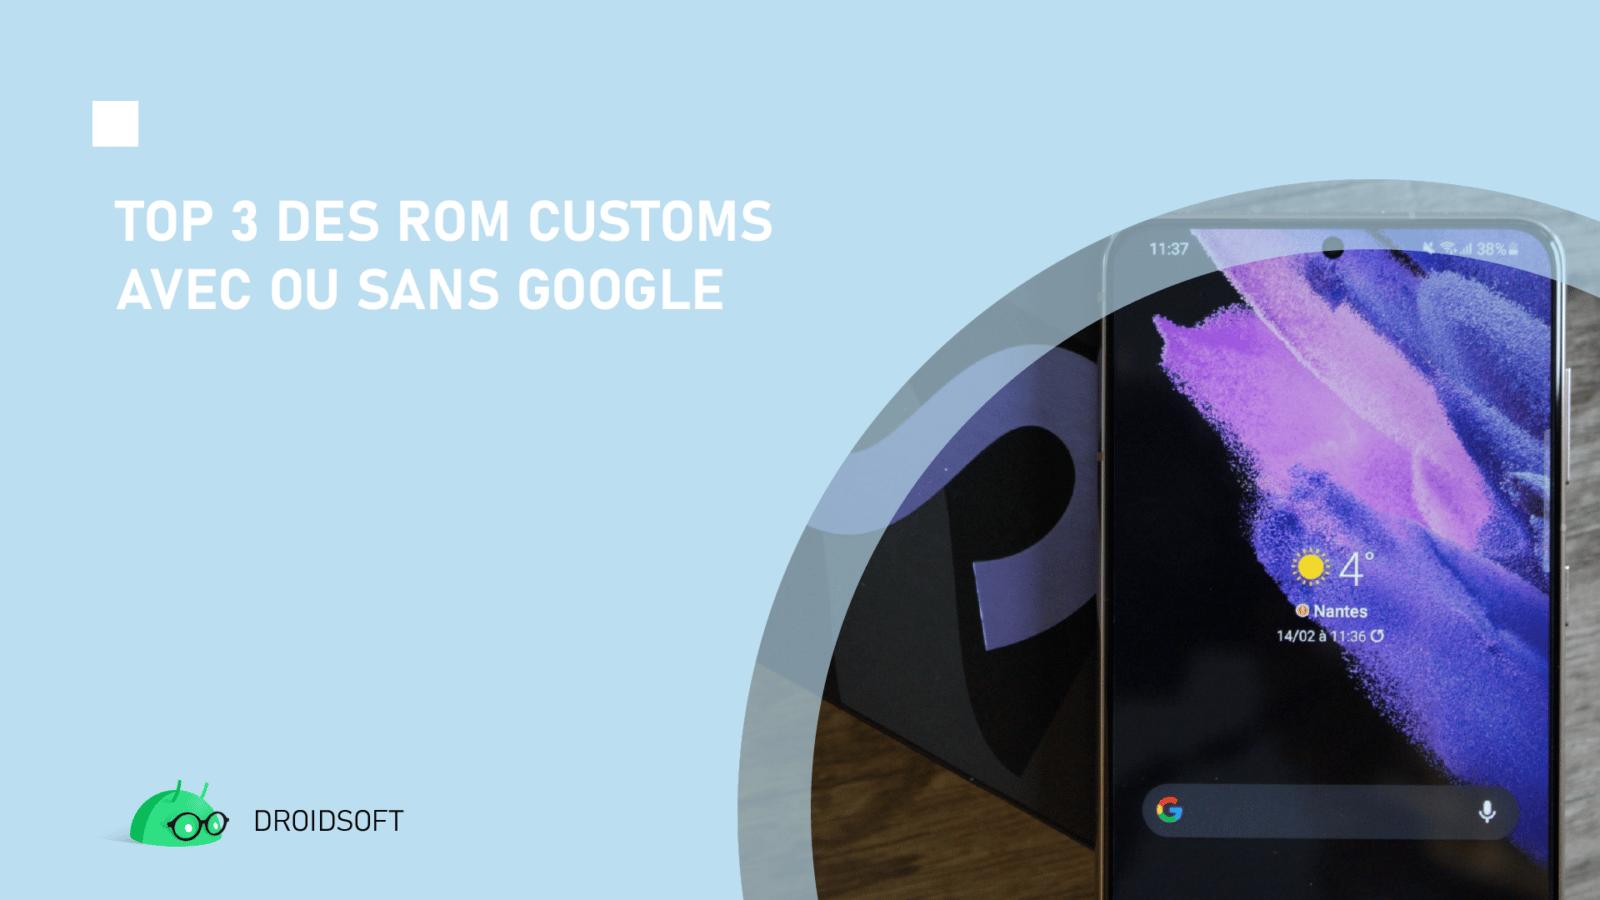 ROM sans google, TOP 3 des ROM customs avec ou sans Google